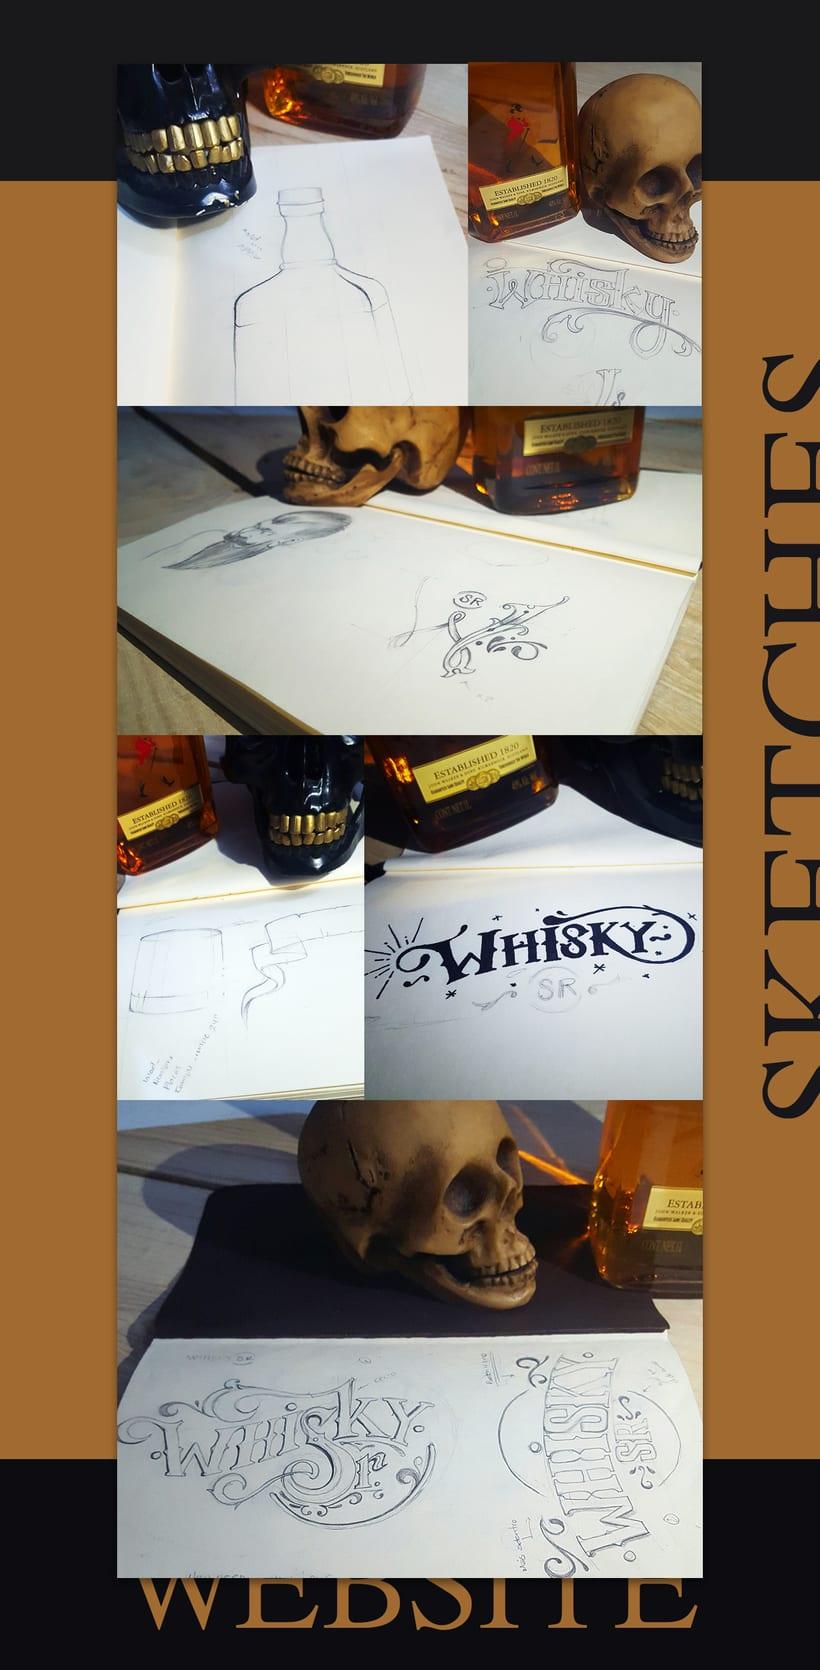 WhiksySr Branding & Web 4